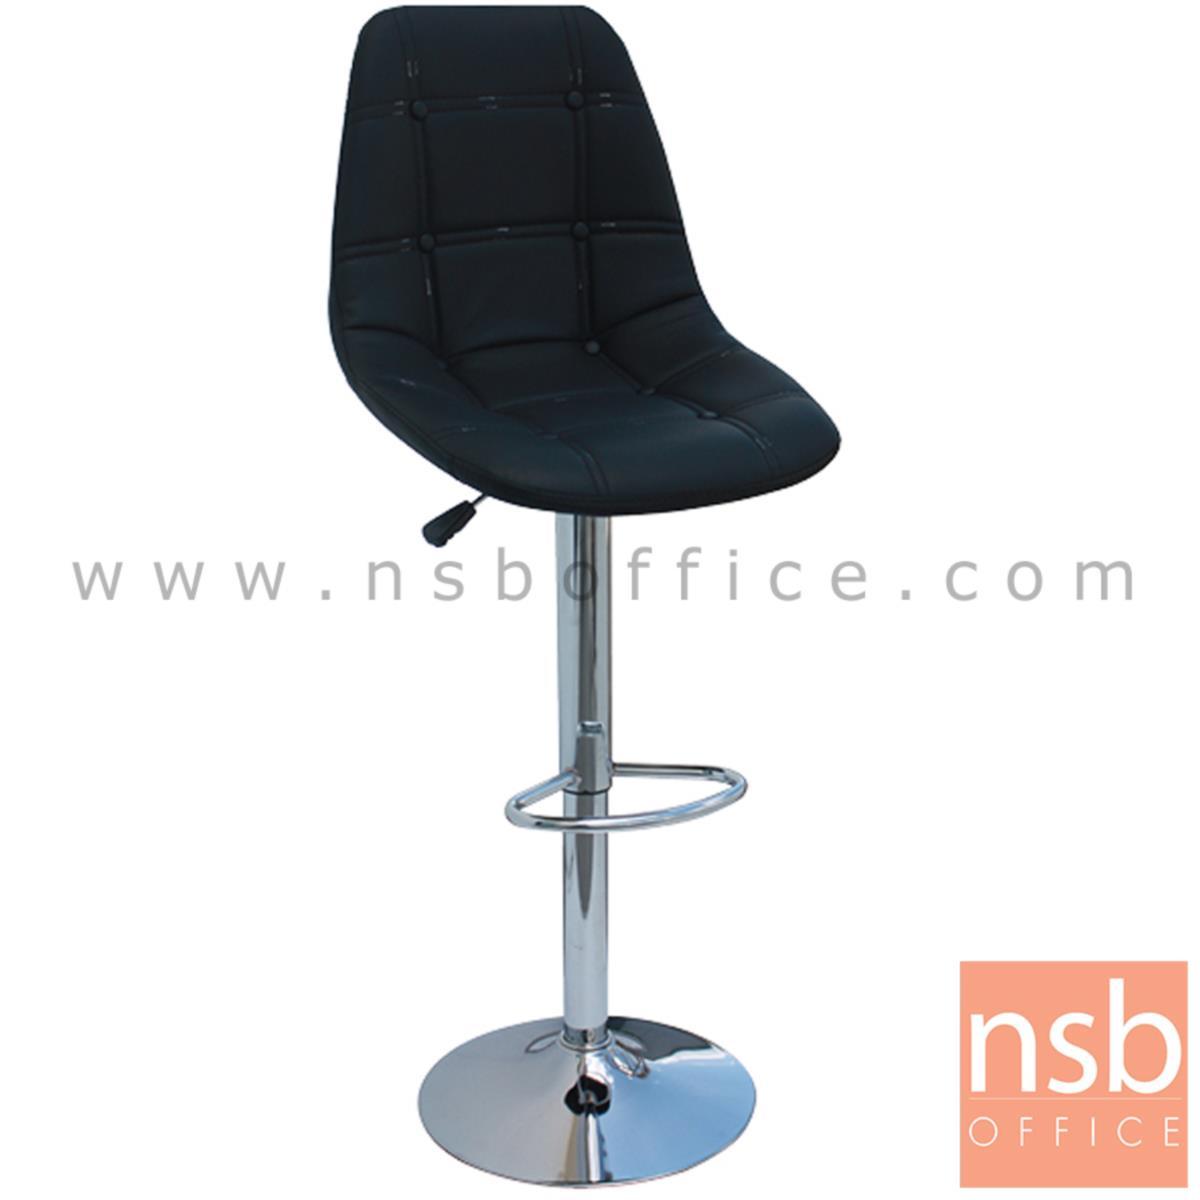 B18A068:เก้าอี้บาร์สูงหนังเทียม รุ่น Oli (โอลิ)  โช๊คแก๊ส ขาโครเมี่ยมฐานจานกลม